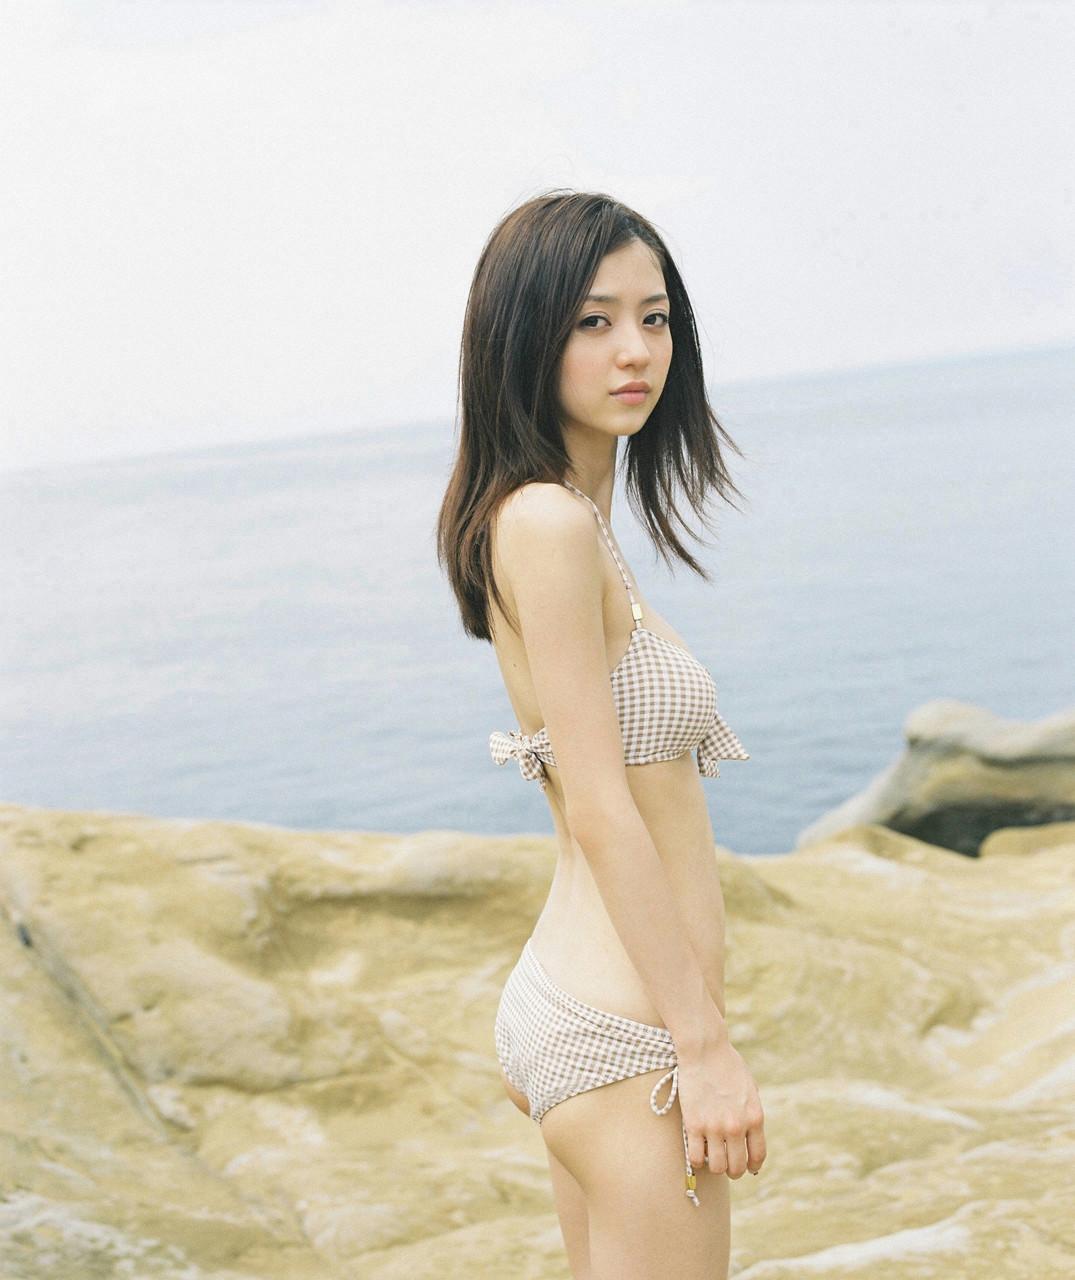 逢沢りな「さよなら、美少女」グラビア 04-06